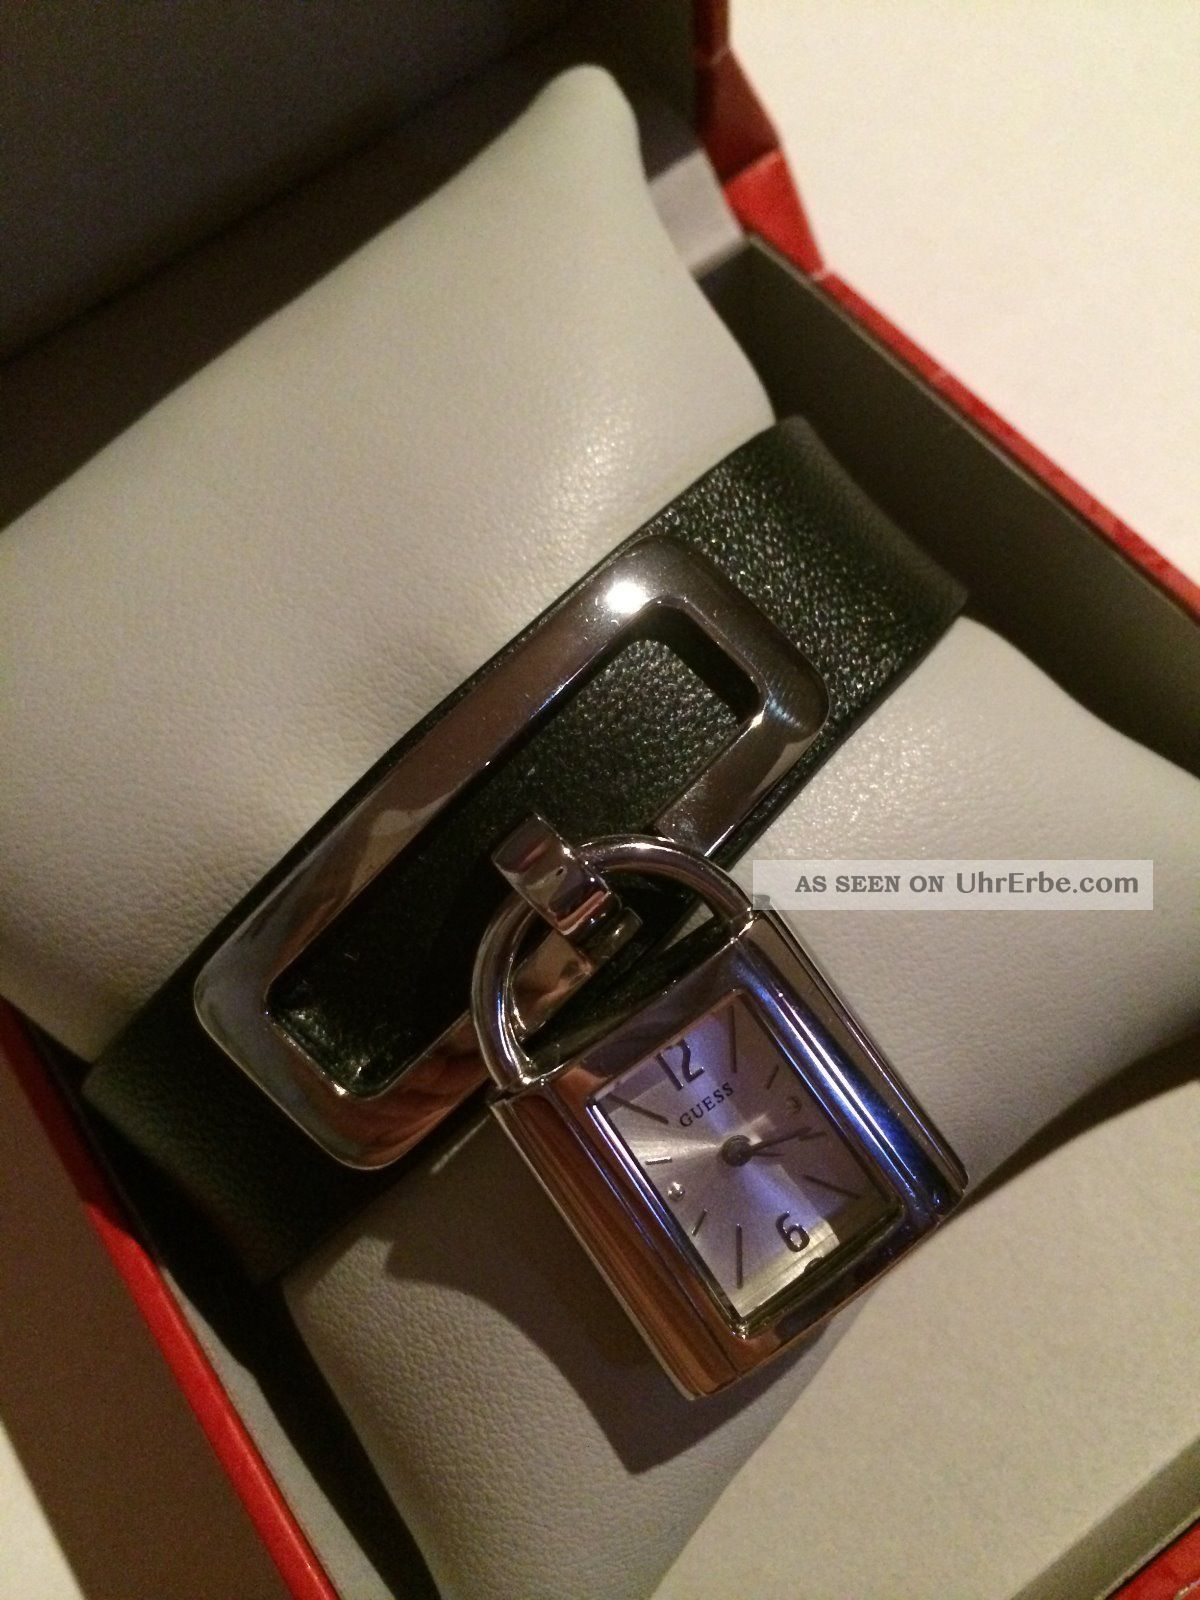 Guess Uhr Damenuhr Besonders Und Extravagant Silber Und Schwarzes Lederamband Armbanduhren Bild